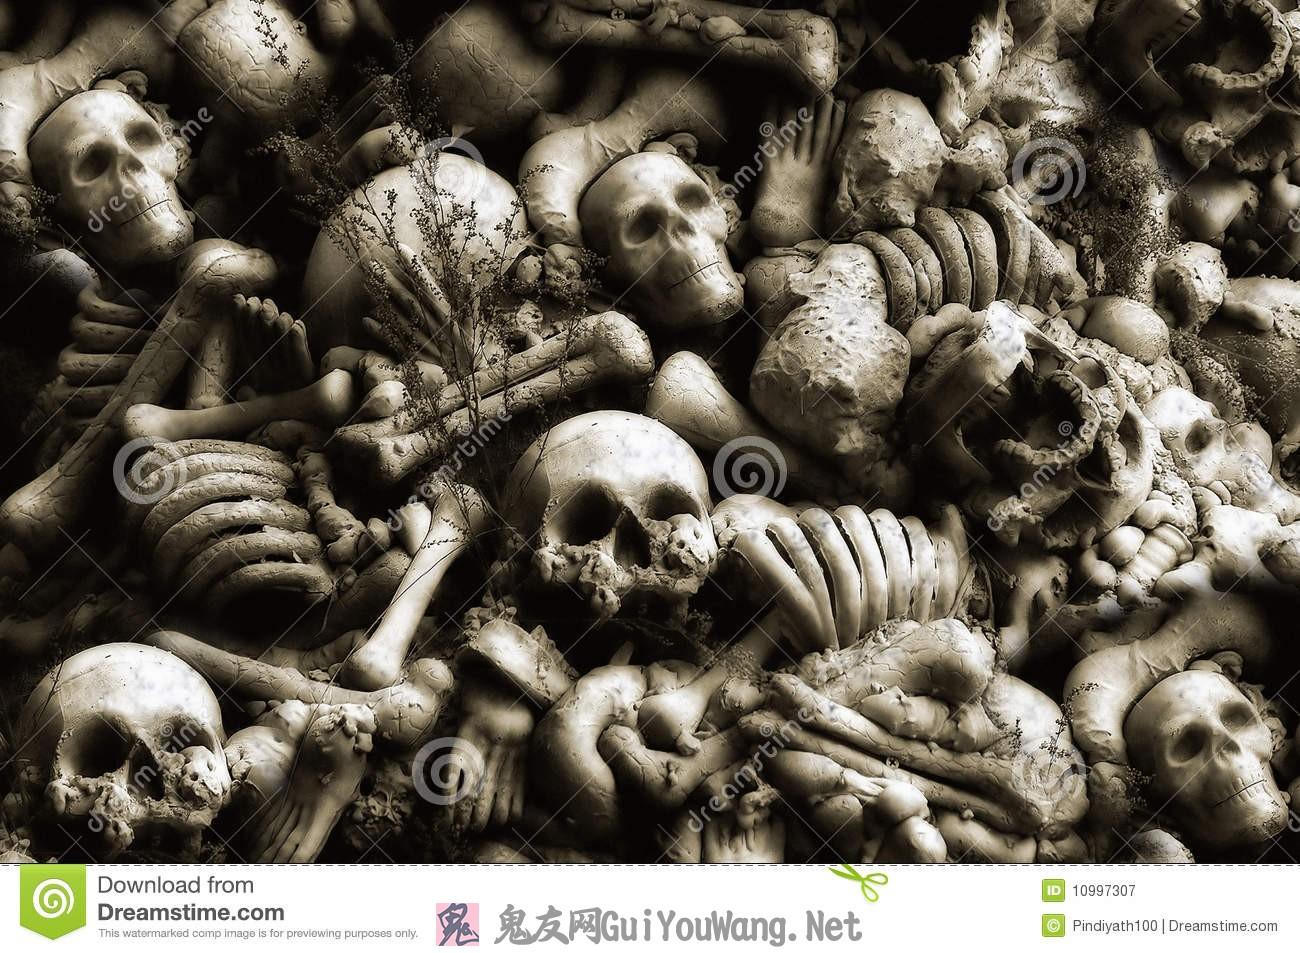 国外一组恐怖素材高清照片